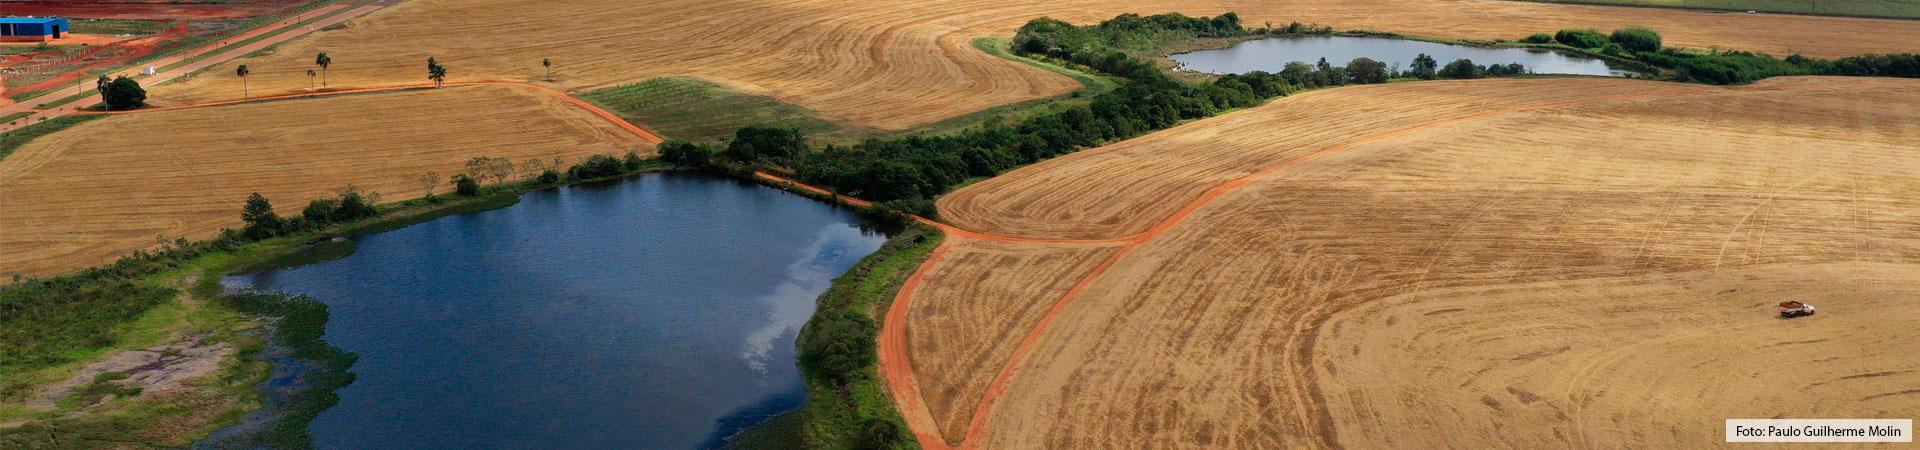 Imagem aérea onde visualiza-se 2 açudes e parte das plantações de trigo, as quais estão em processo de colheita